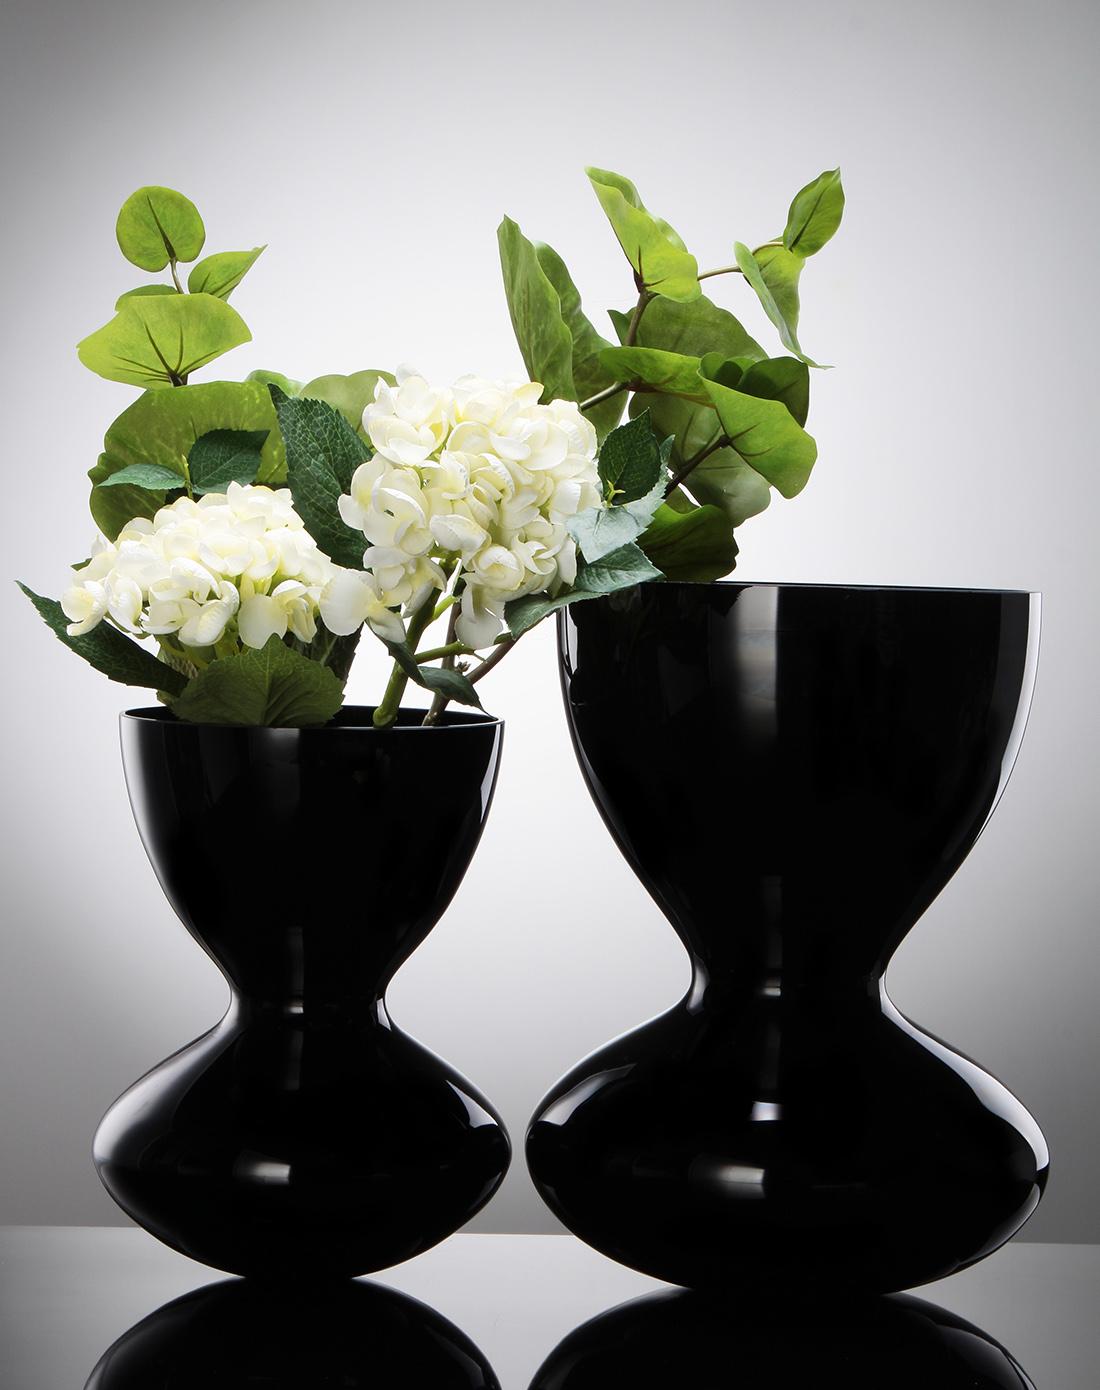 黑色黑瓷沙漏线插花花瓶